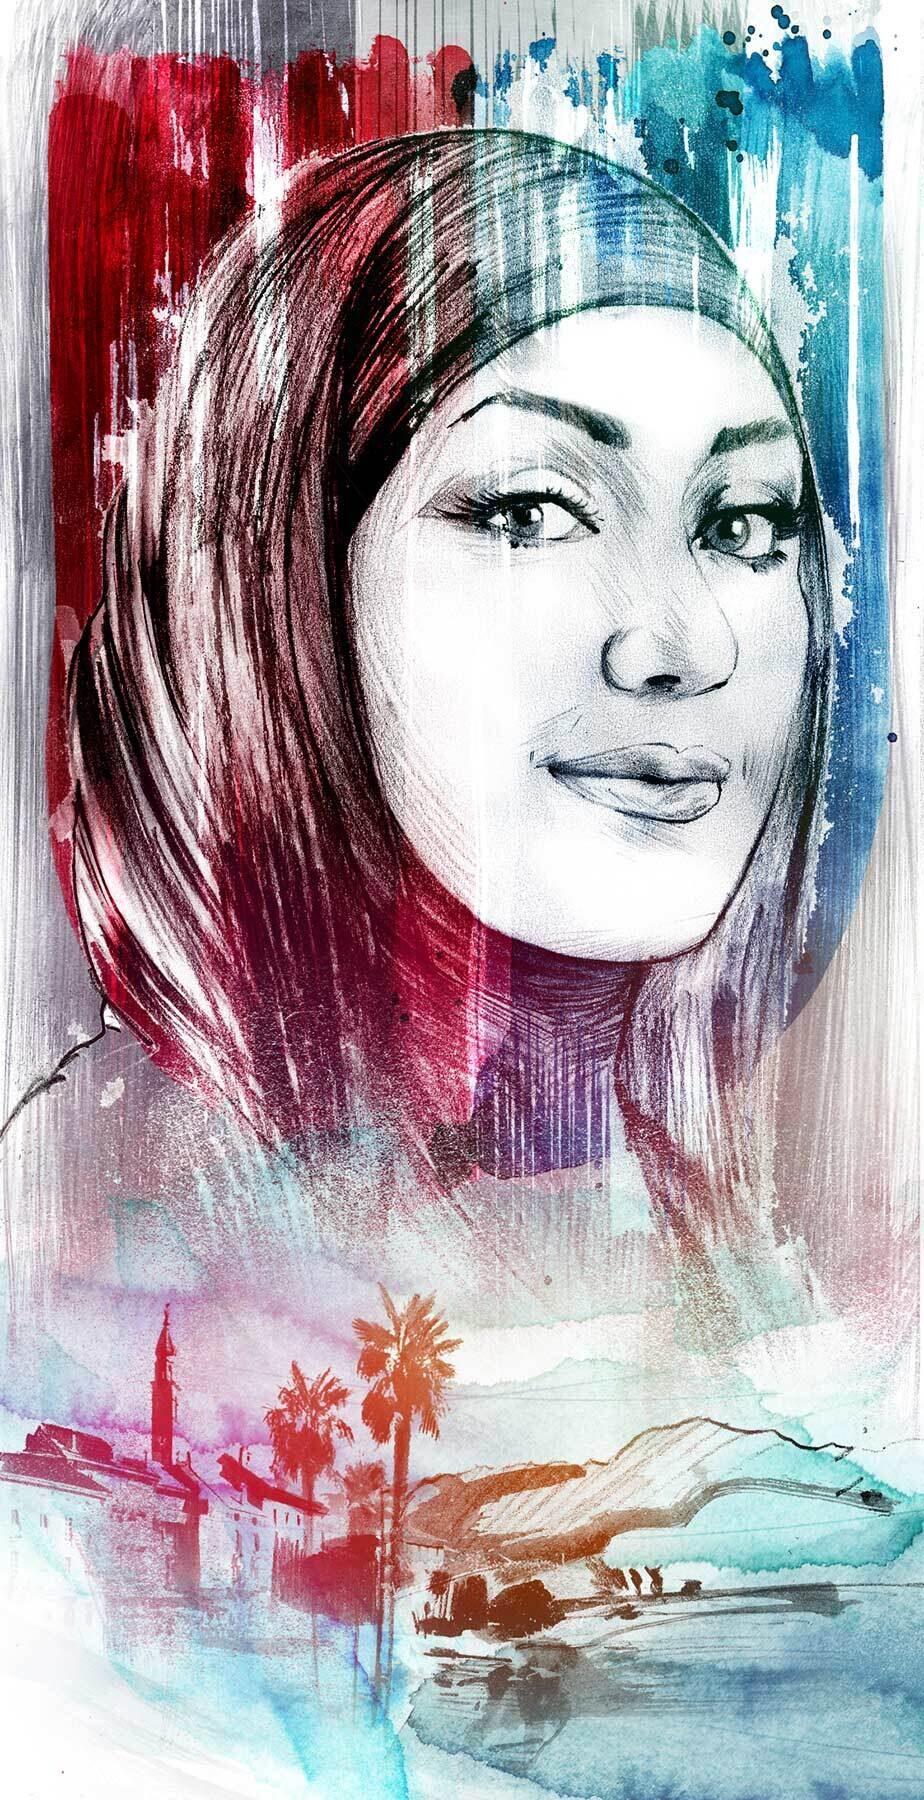 Tessin muslimische Frau illustration - Kornel Illustration | Kornel Stadler portfolio